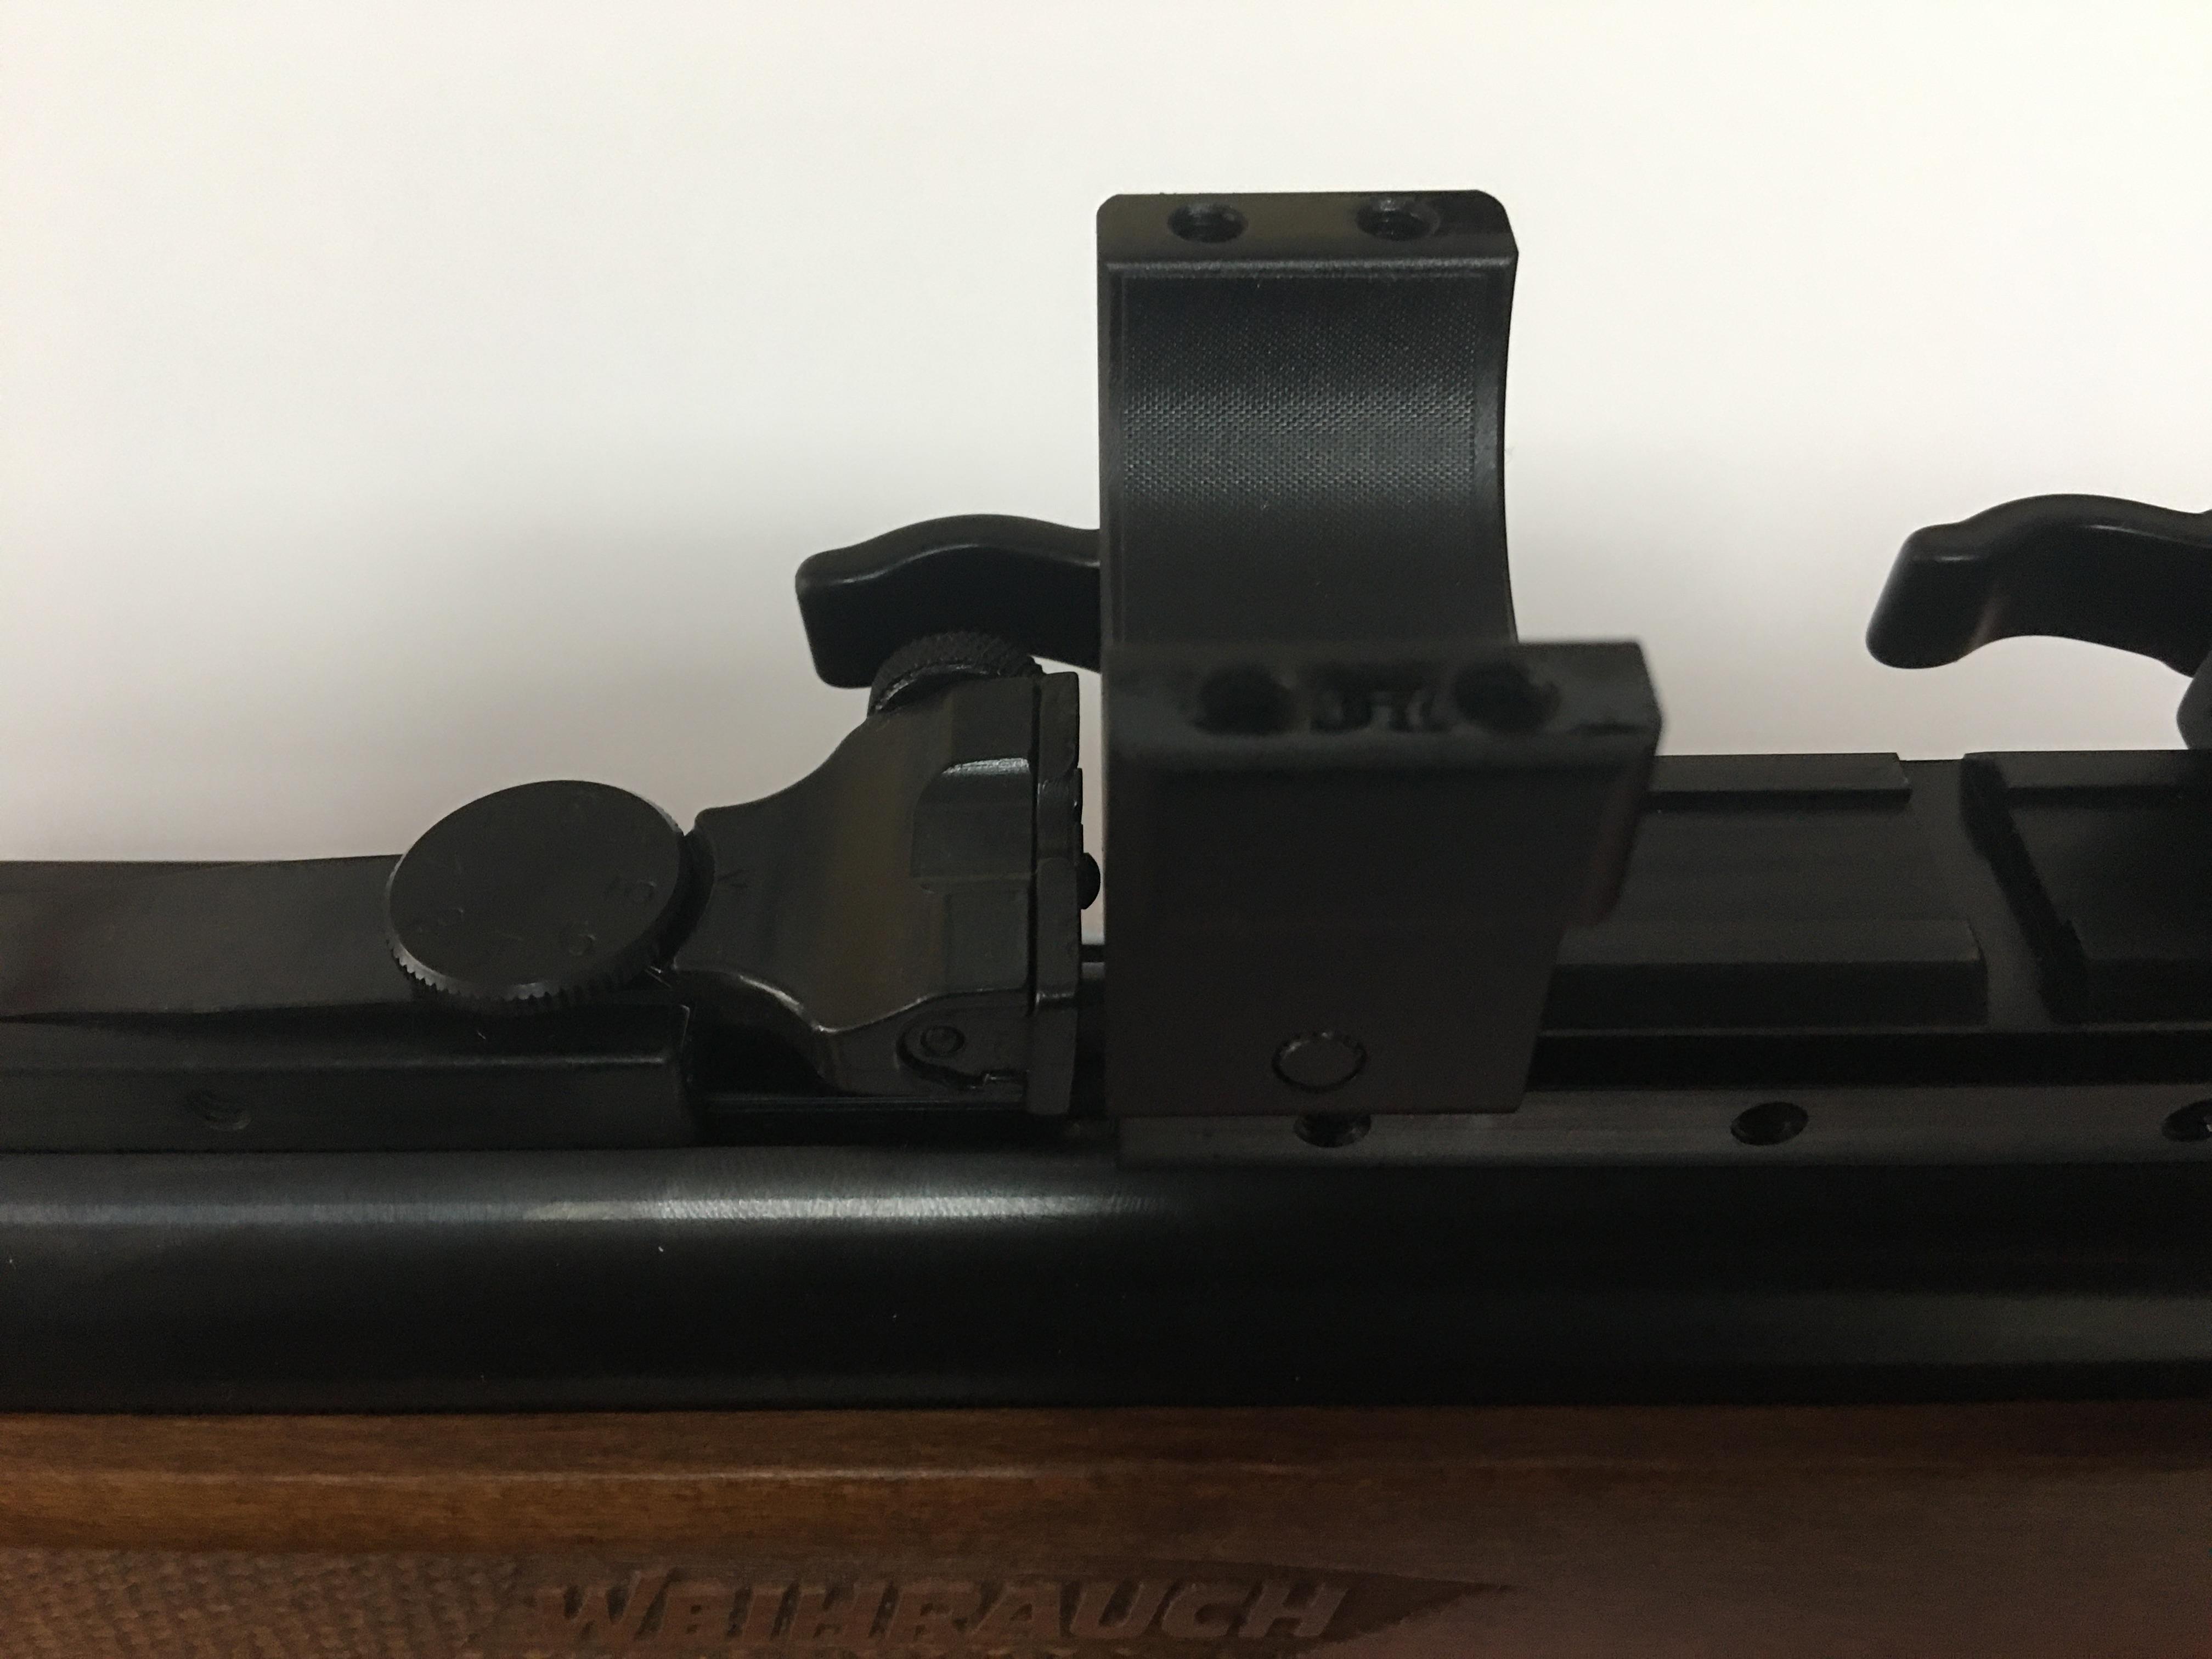 Präzisionsadapter von 11mm auf 21mm Weaver- Standard